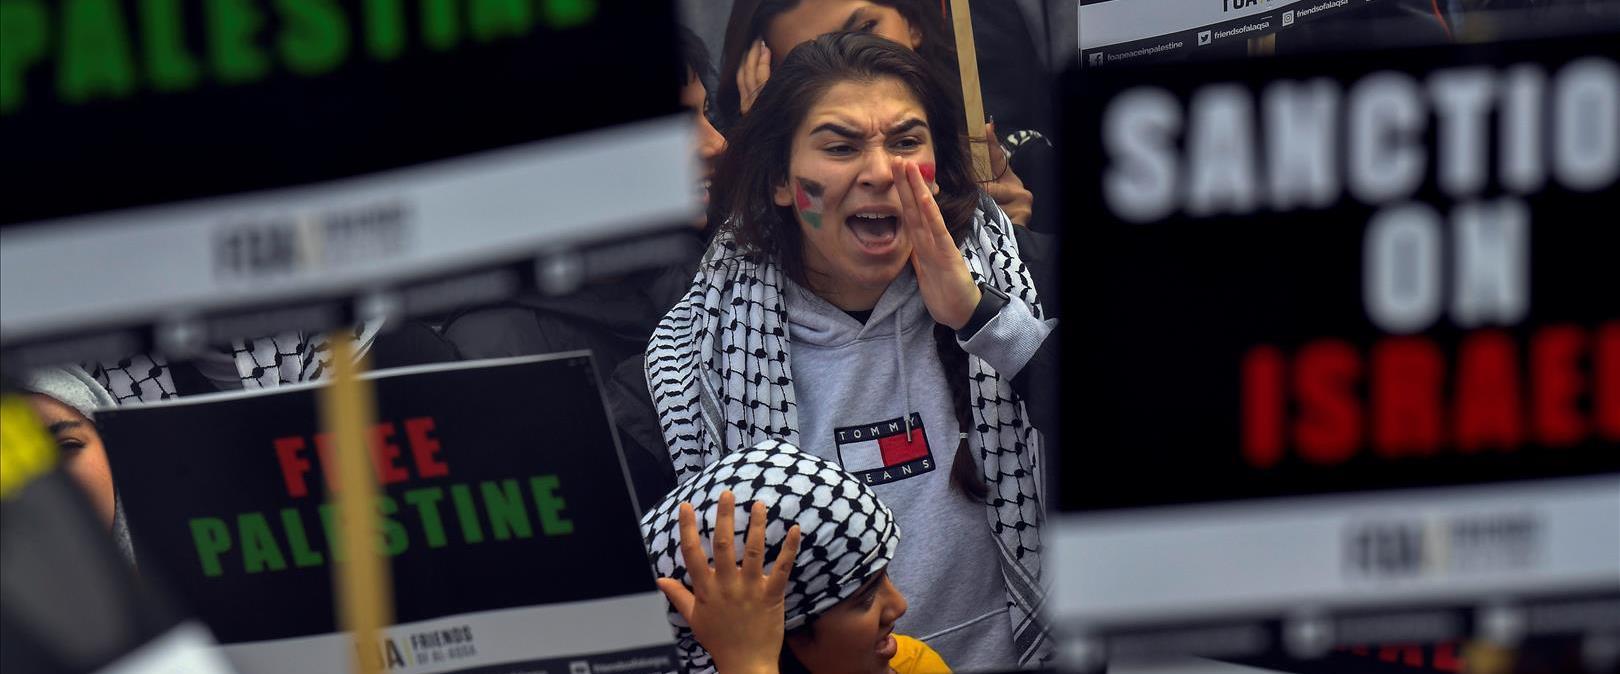 הפגנה נגד ישראל בלונדון בזמן מבצע שומר החומות